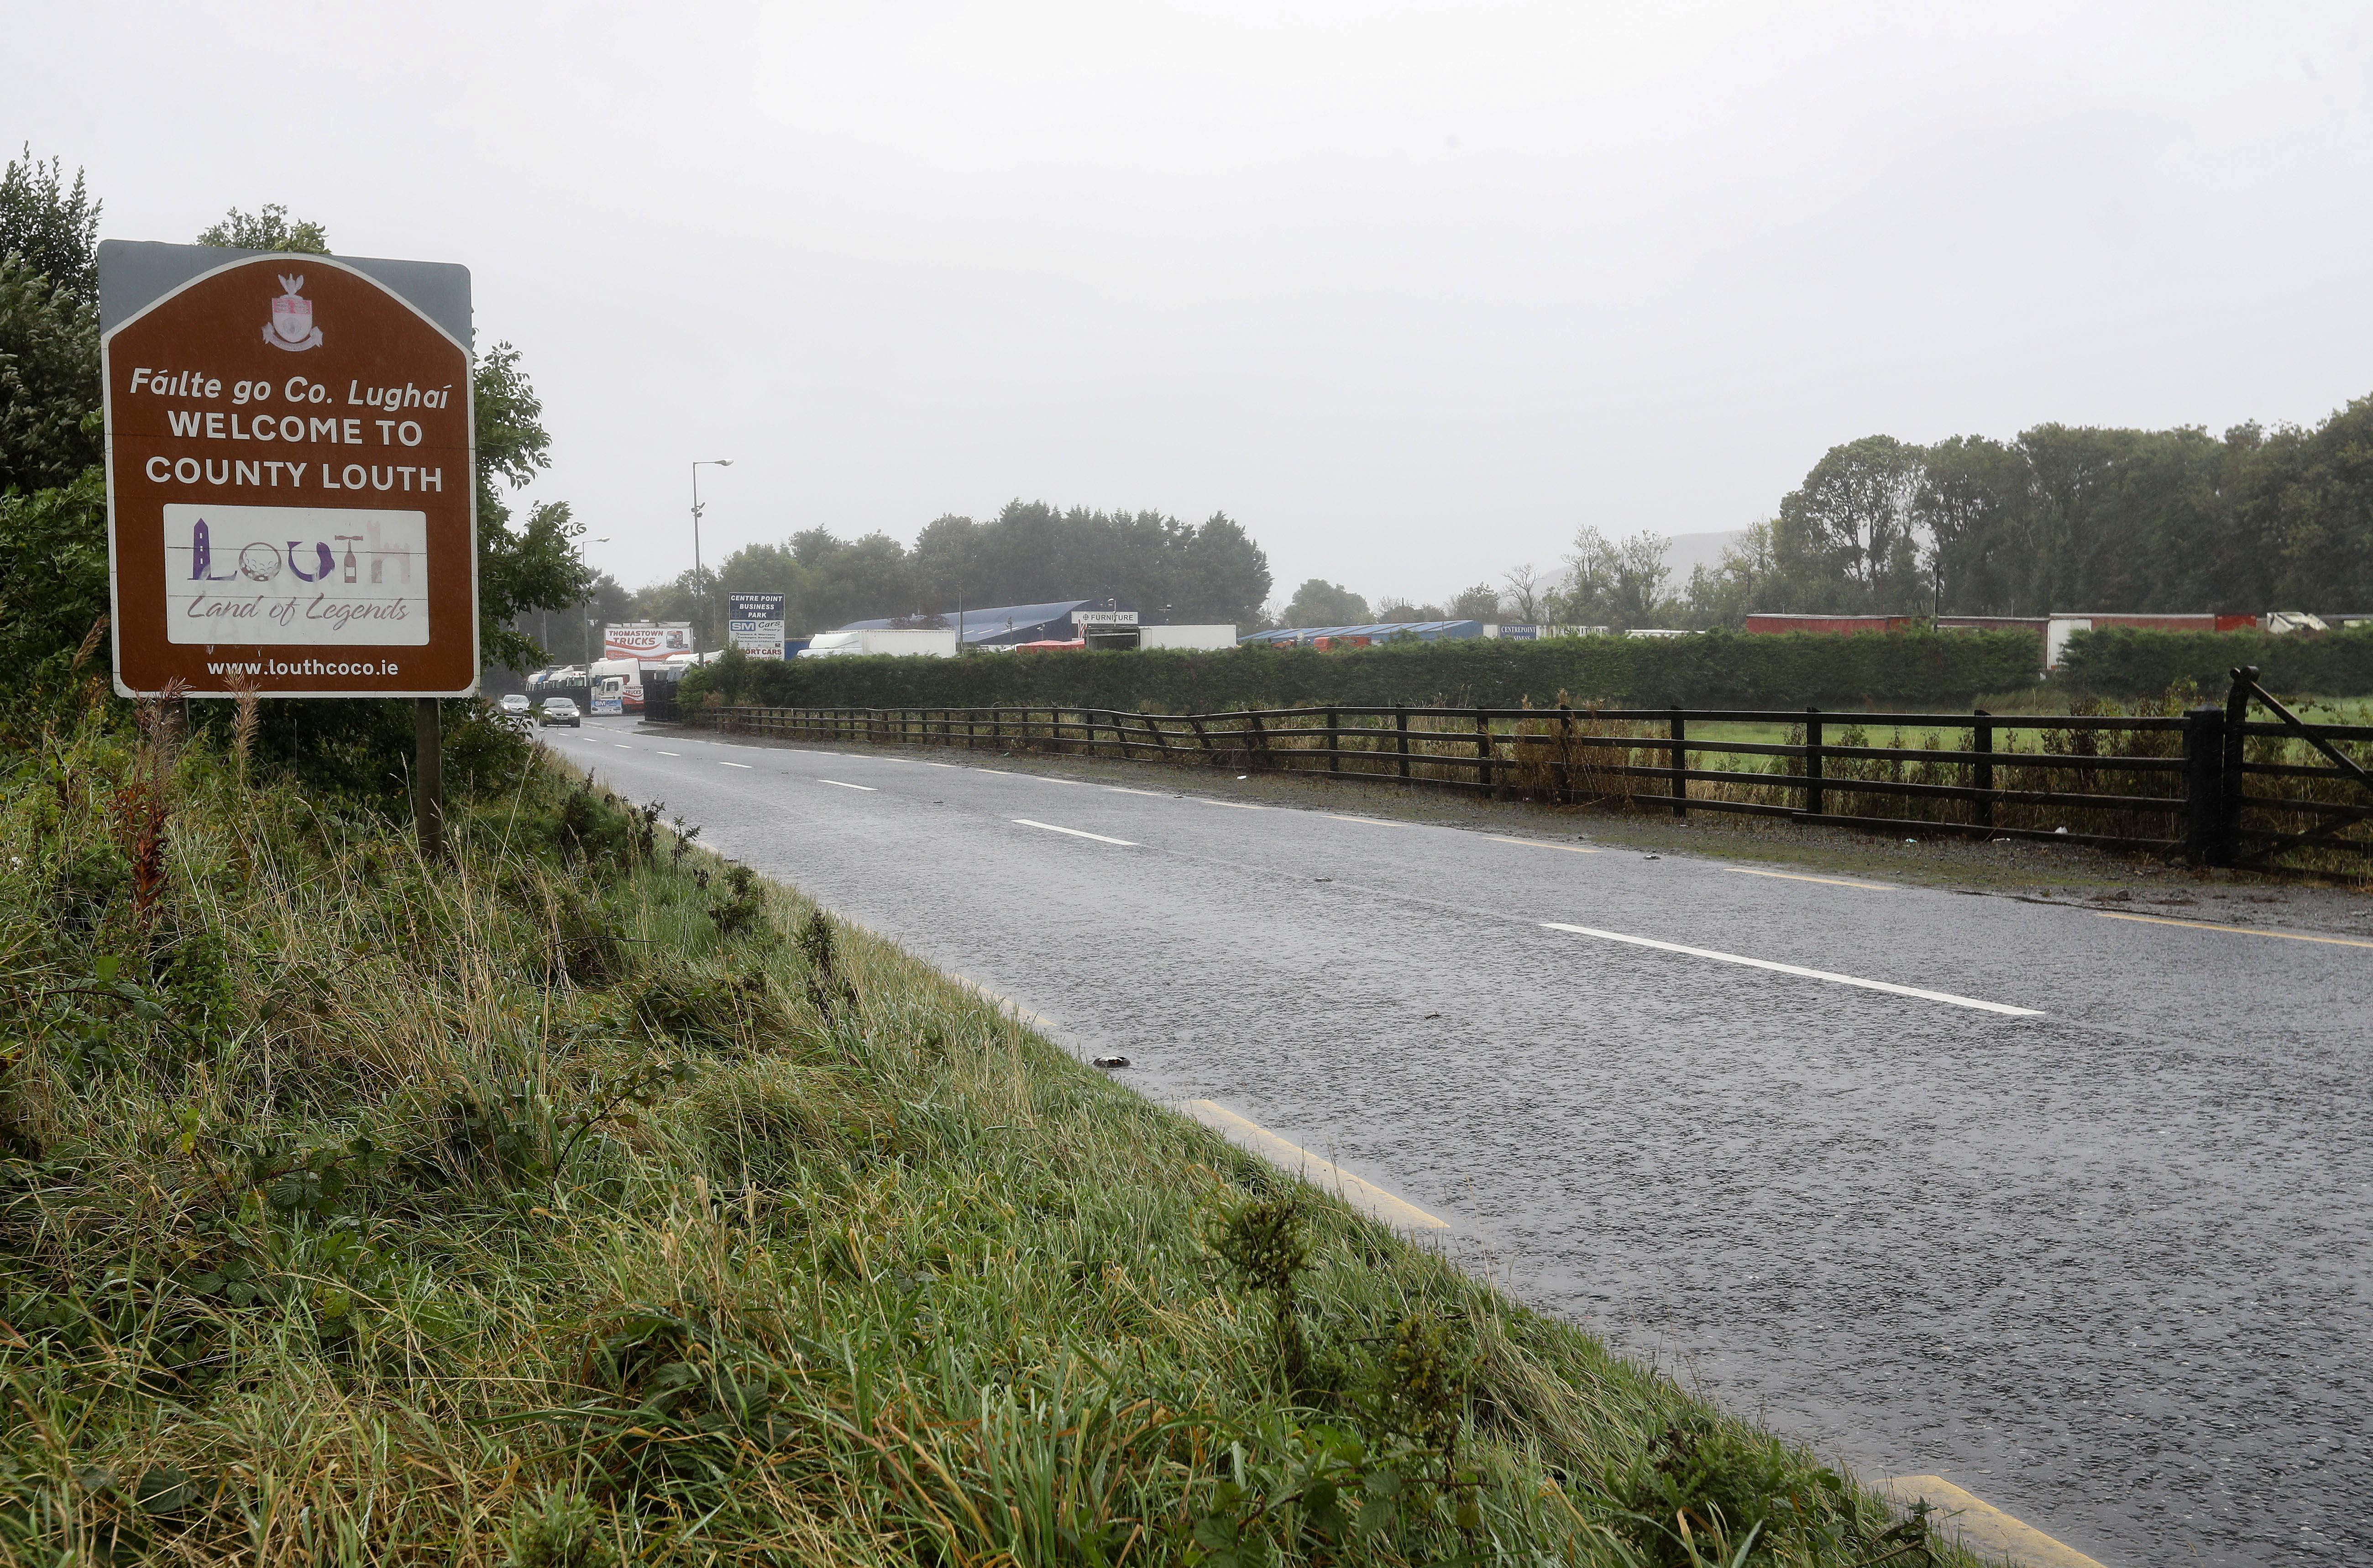 Pohled na hraniční přechod mezi Irskou republikou a Severním Irskem v Newry, Severním Irsku, Británii, 1. října 2019. REUTERS / Lorraine O'Sullivan